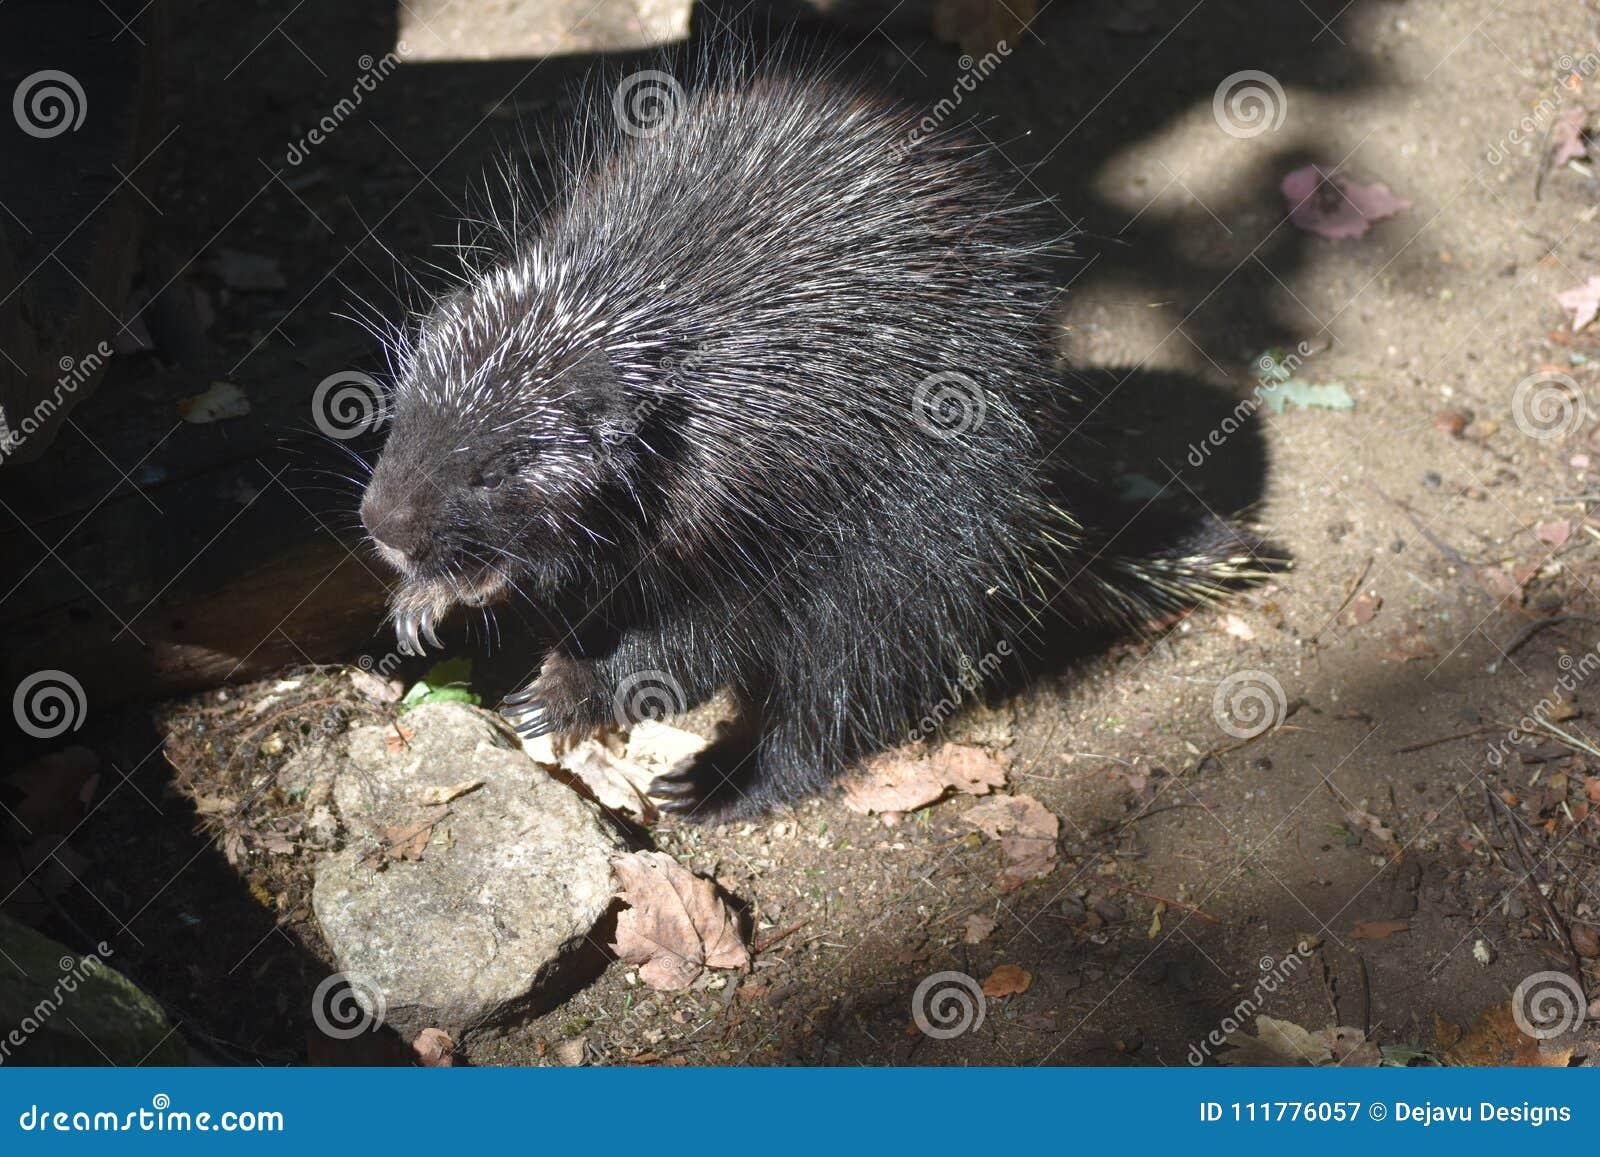 Großes schwarzes Stachelschwein auf seinen Hinterbeinen mit einem offenen Mund